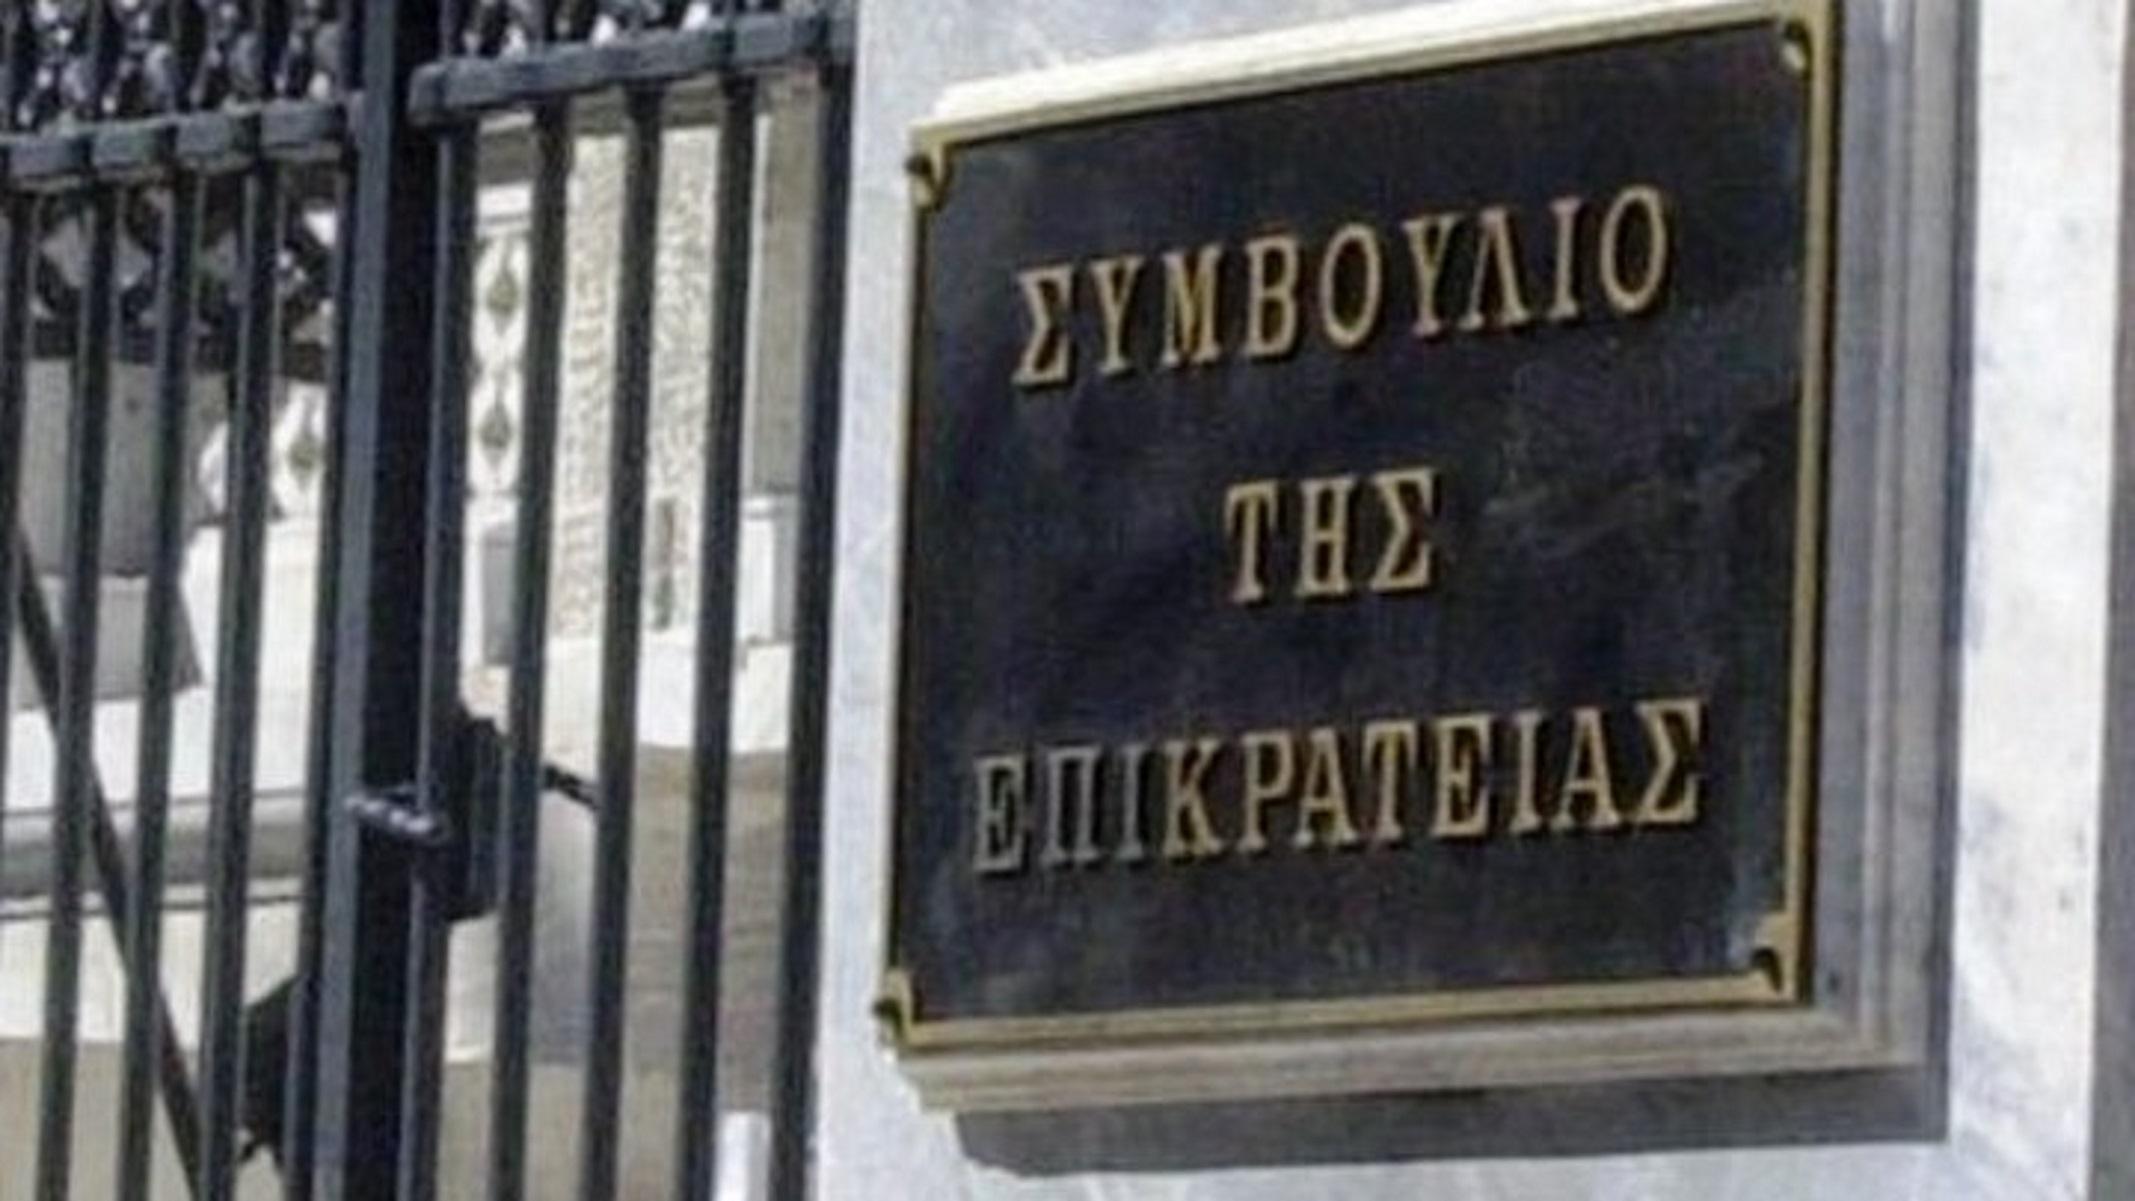 ΣτΕ: Αναμένεται η απόφαση για την επιστροφή των περικοπών των συντάξεων για ένα 11μήνο